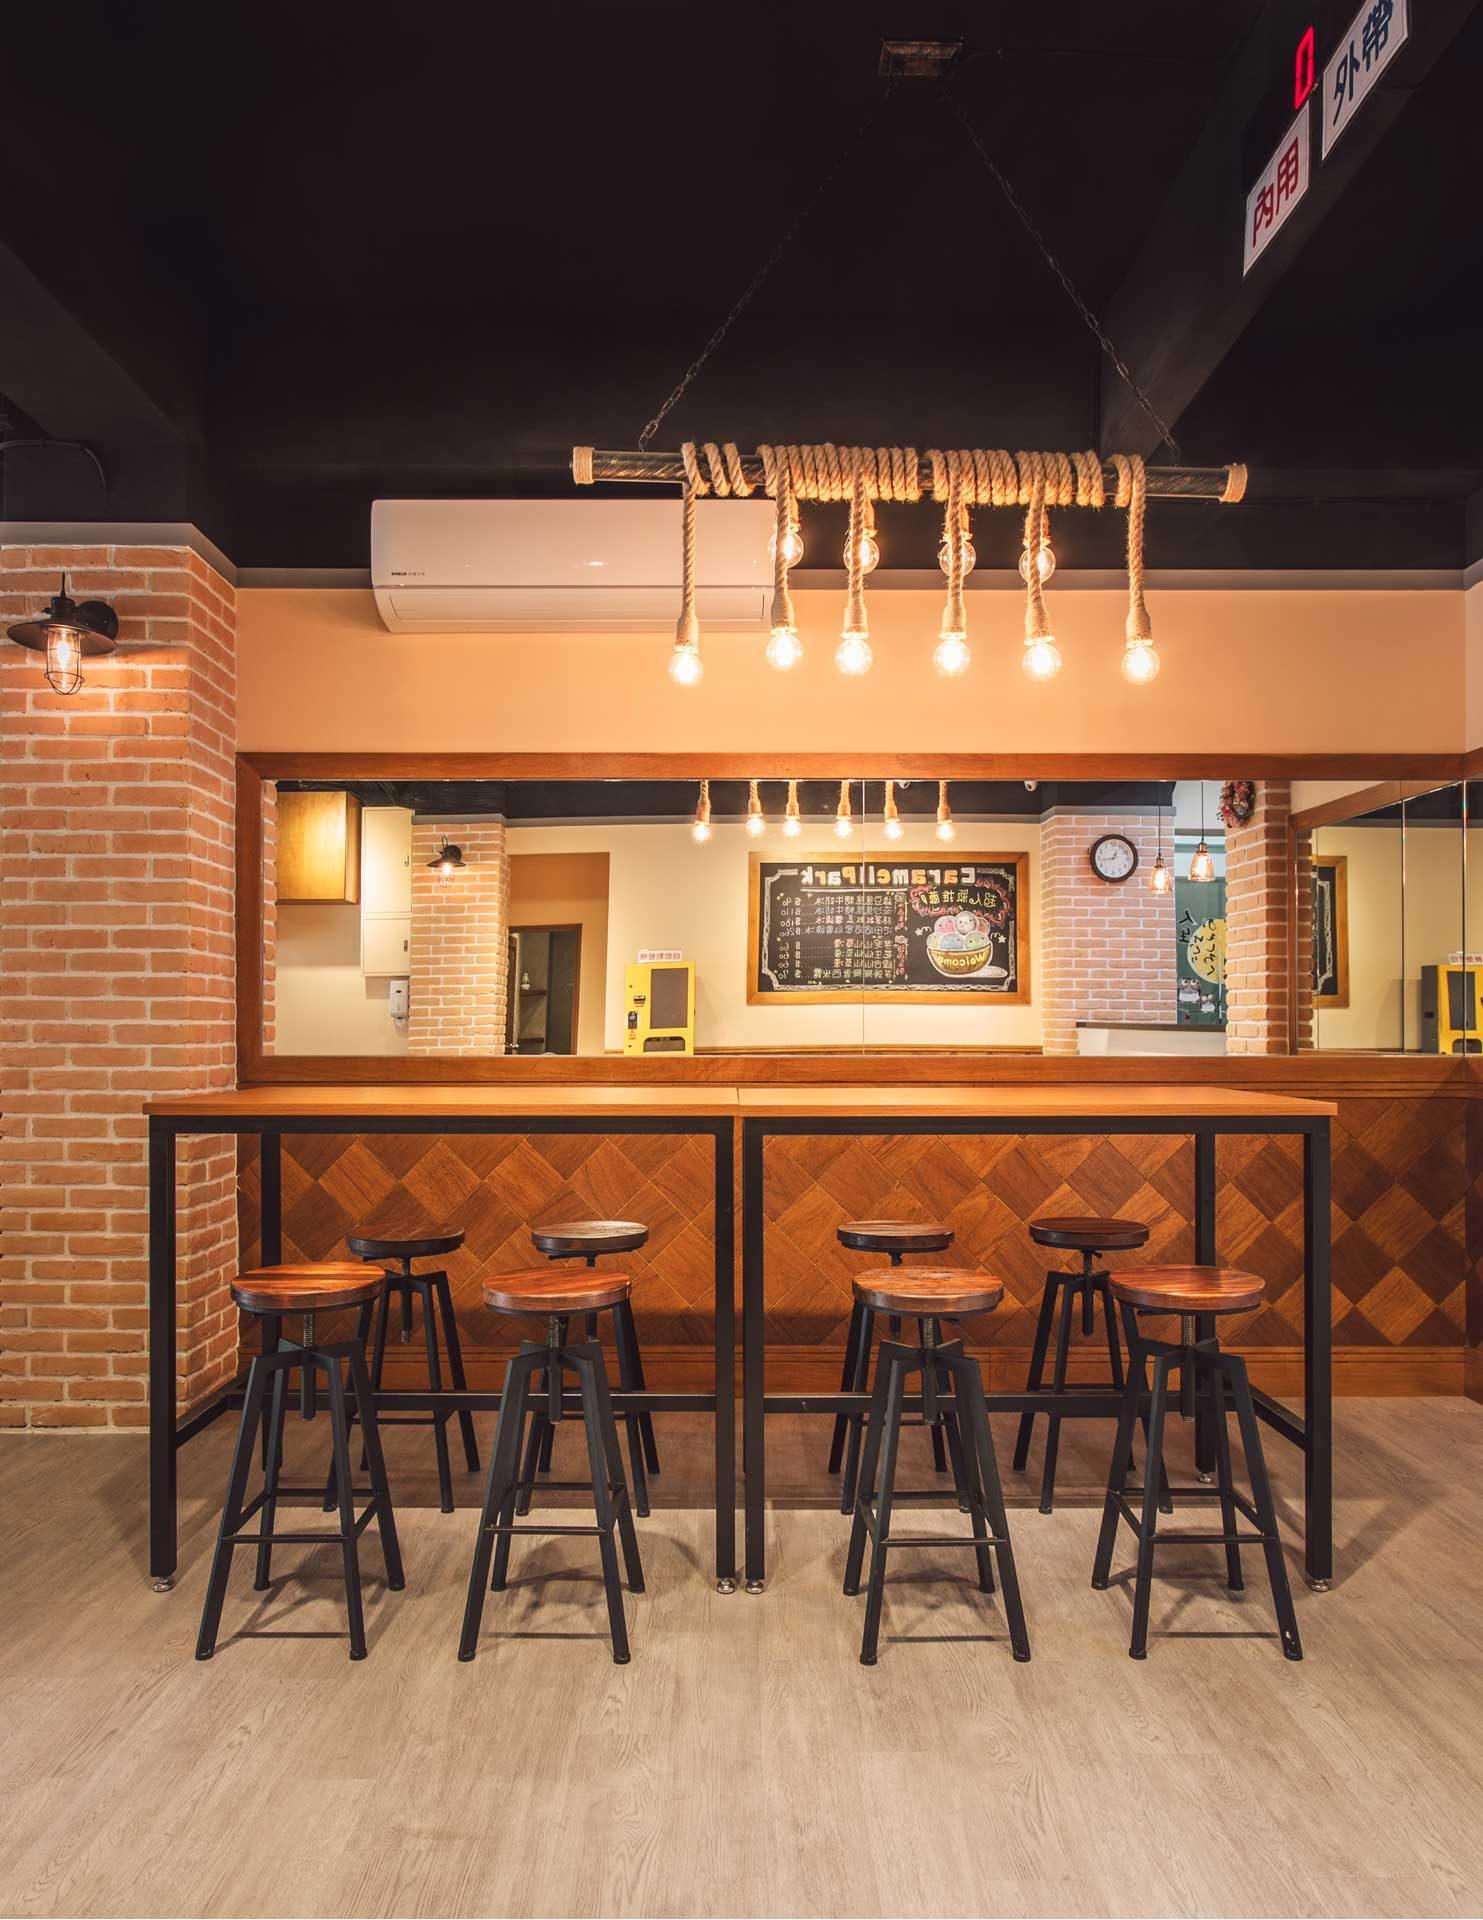 專為學生族群設計的高腳椅大長桌區,同時可容納 8~10 個人一起吃冰